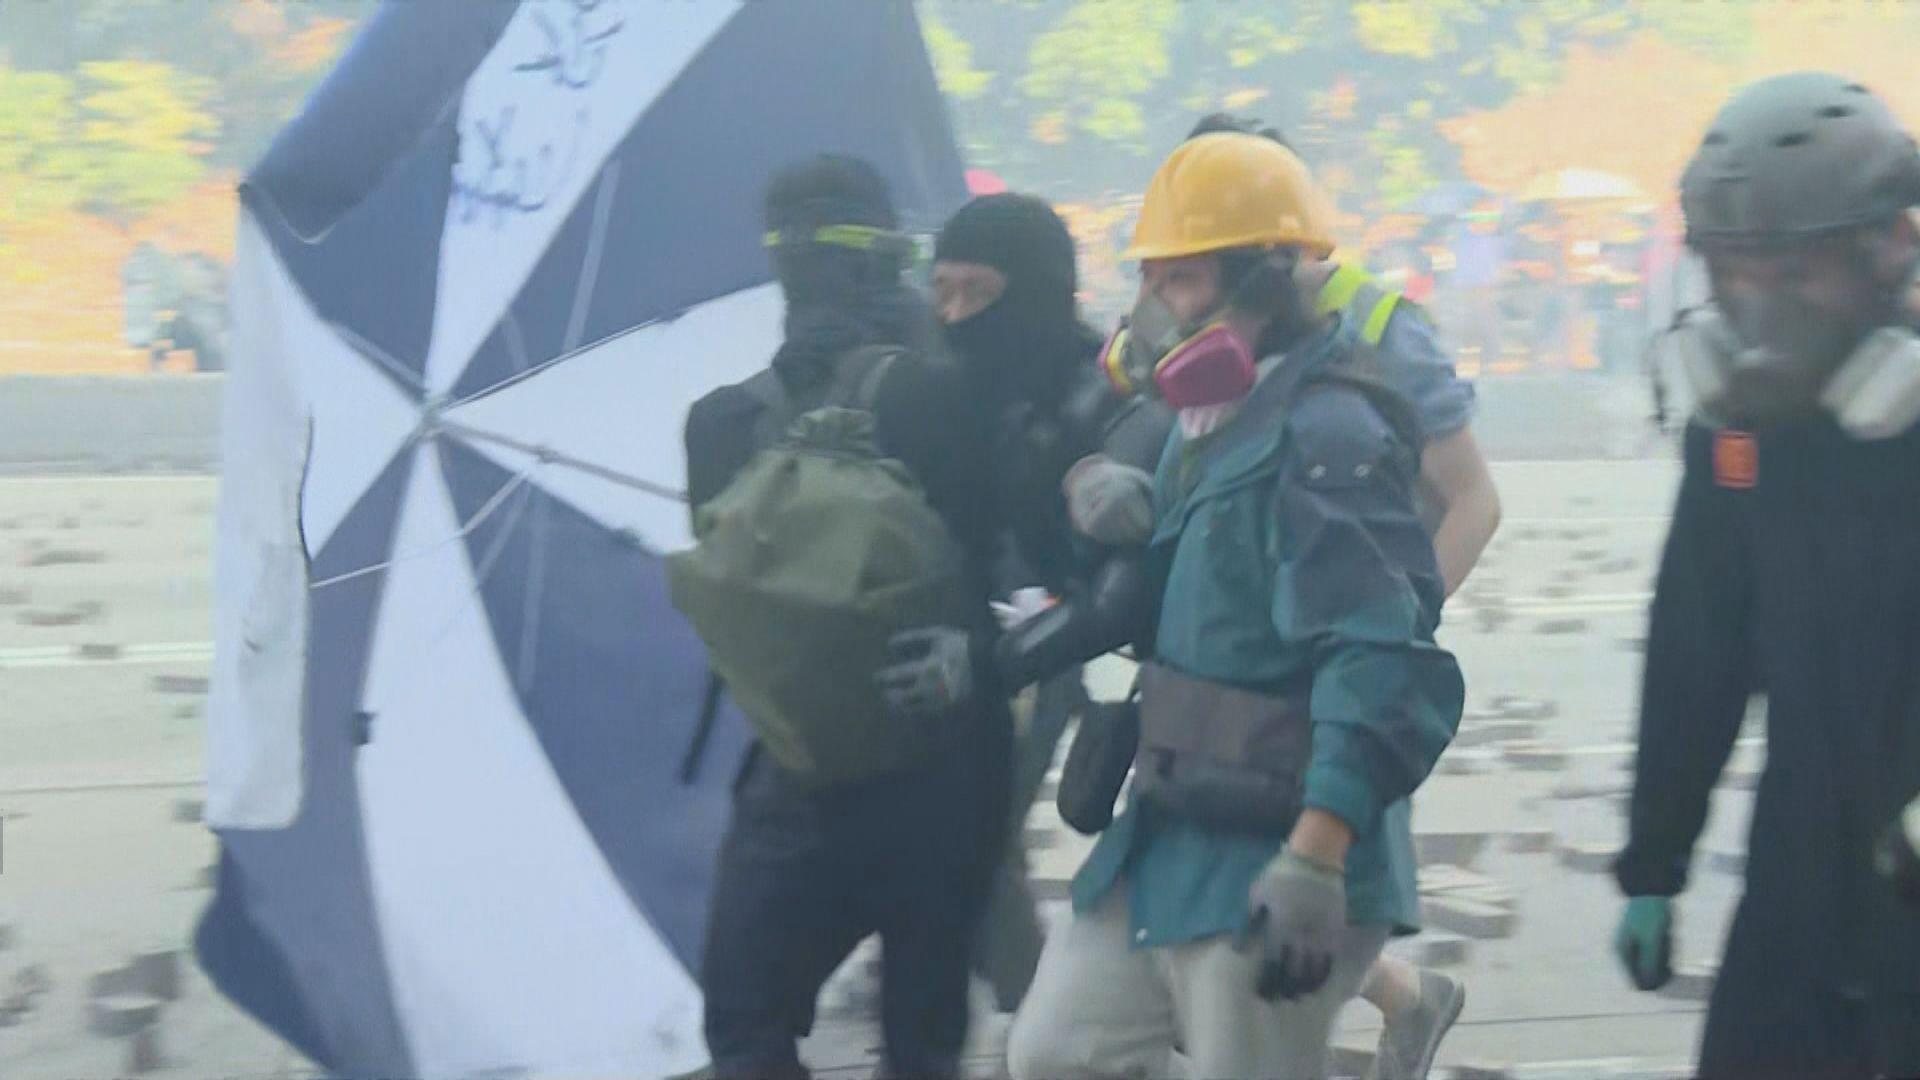 示威者嘗試多路離開理工大學但失敗 部分人科學館道被捕